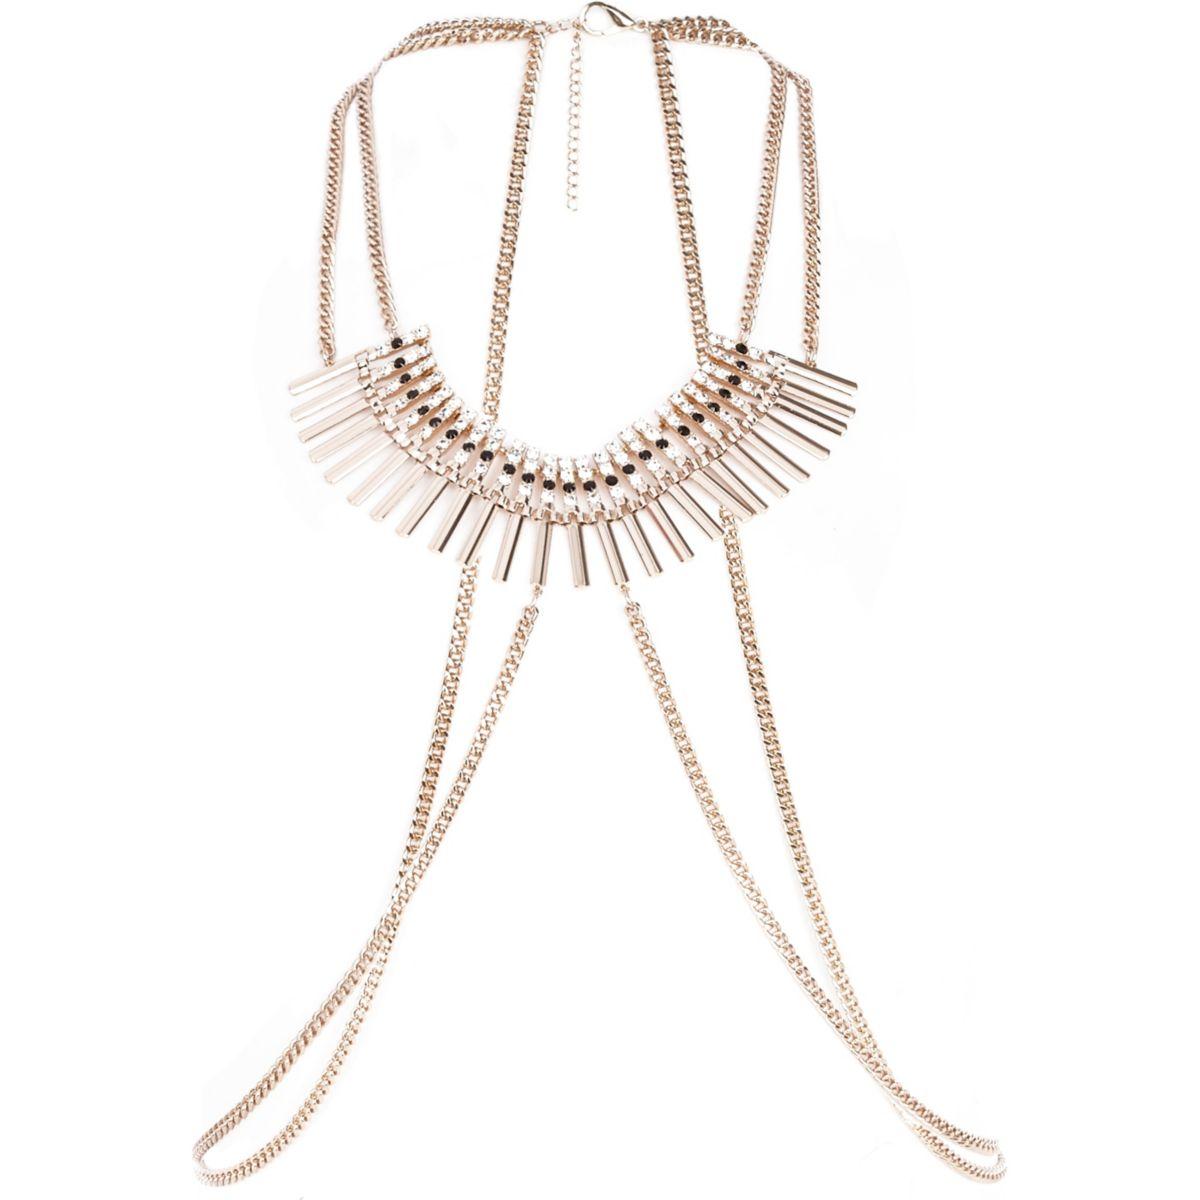 Gold tone diamante collar harness